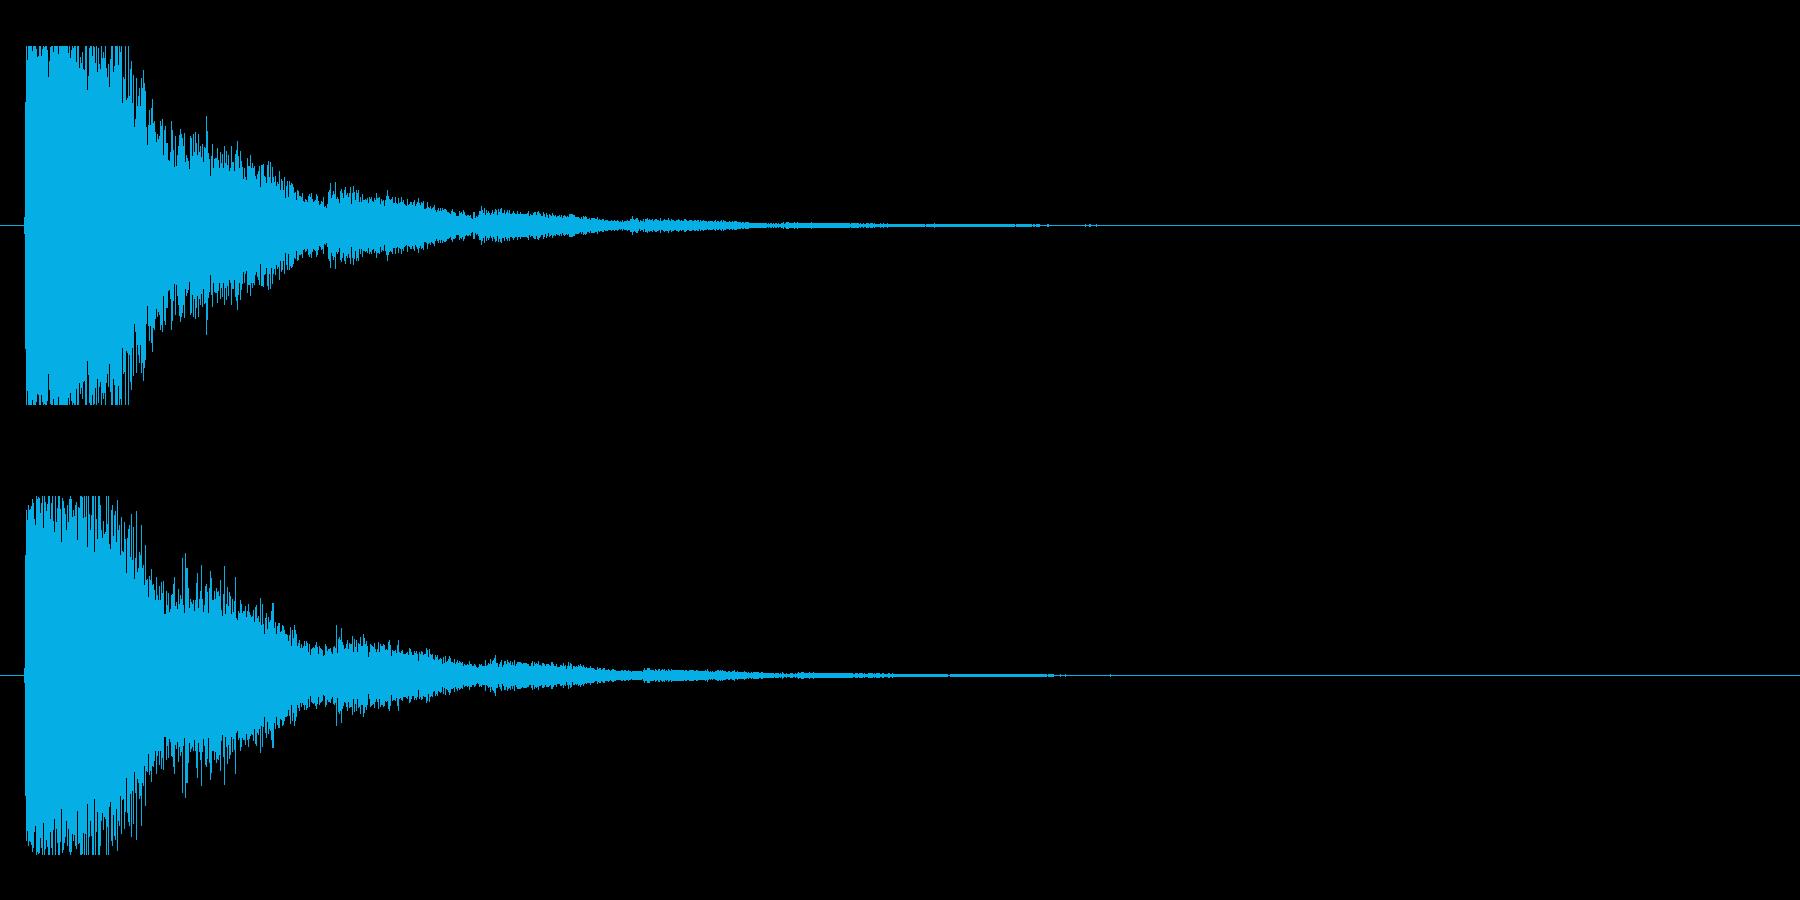 レーザー音-14-2の再生済みの波形